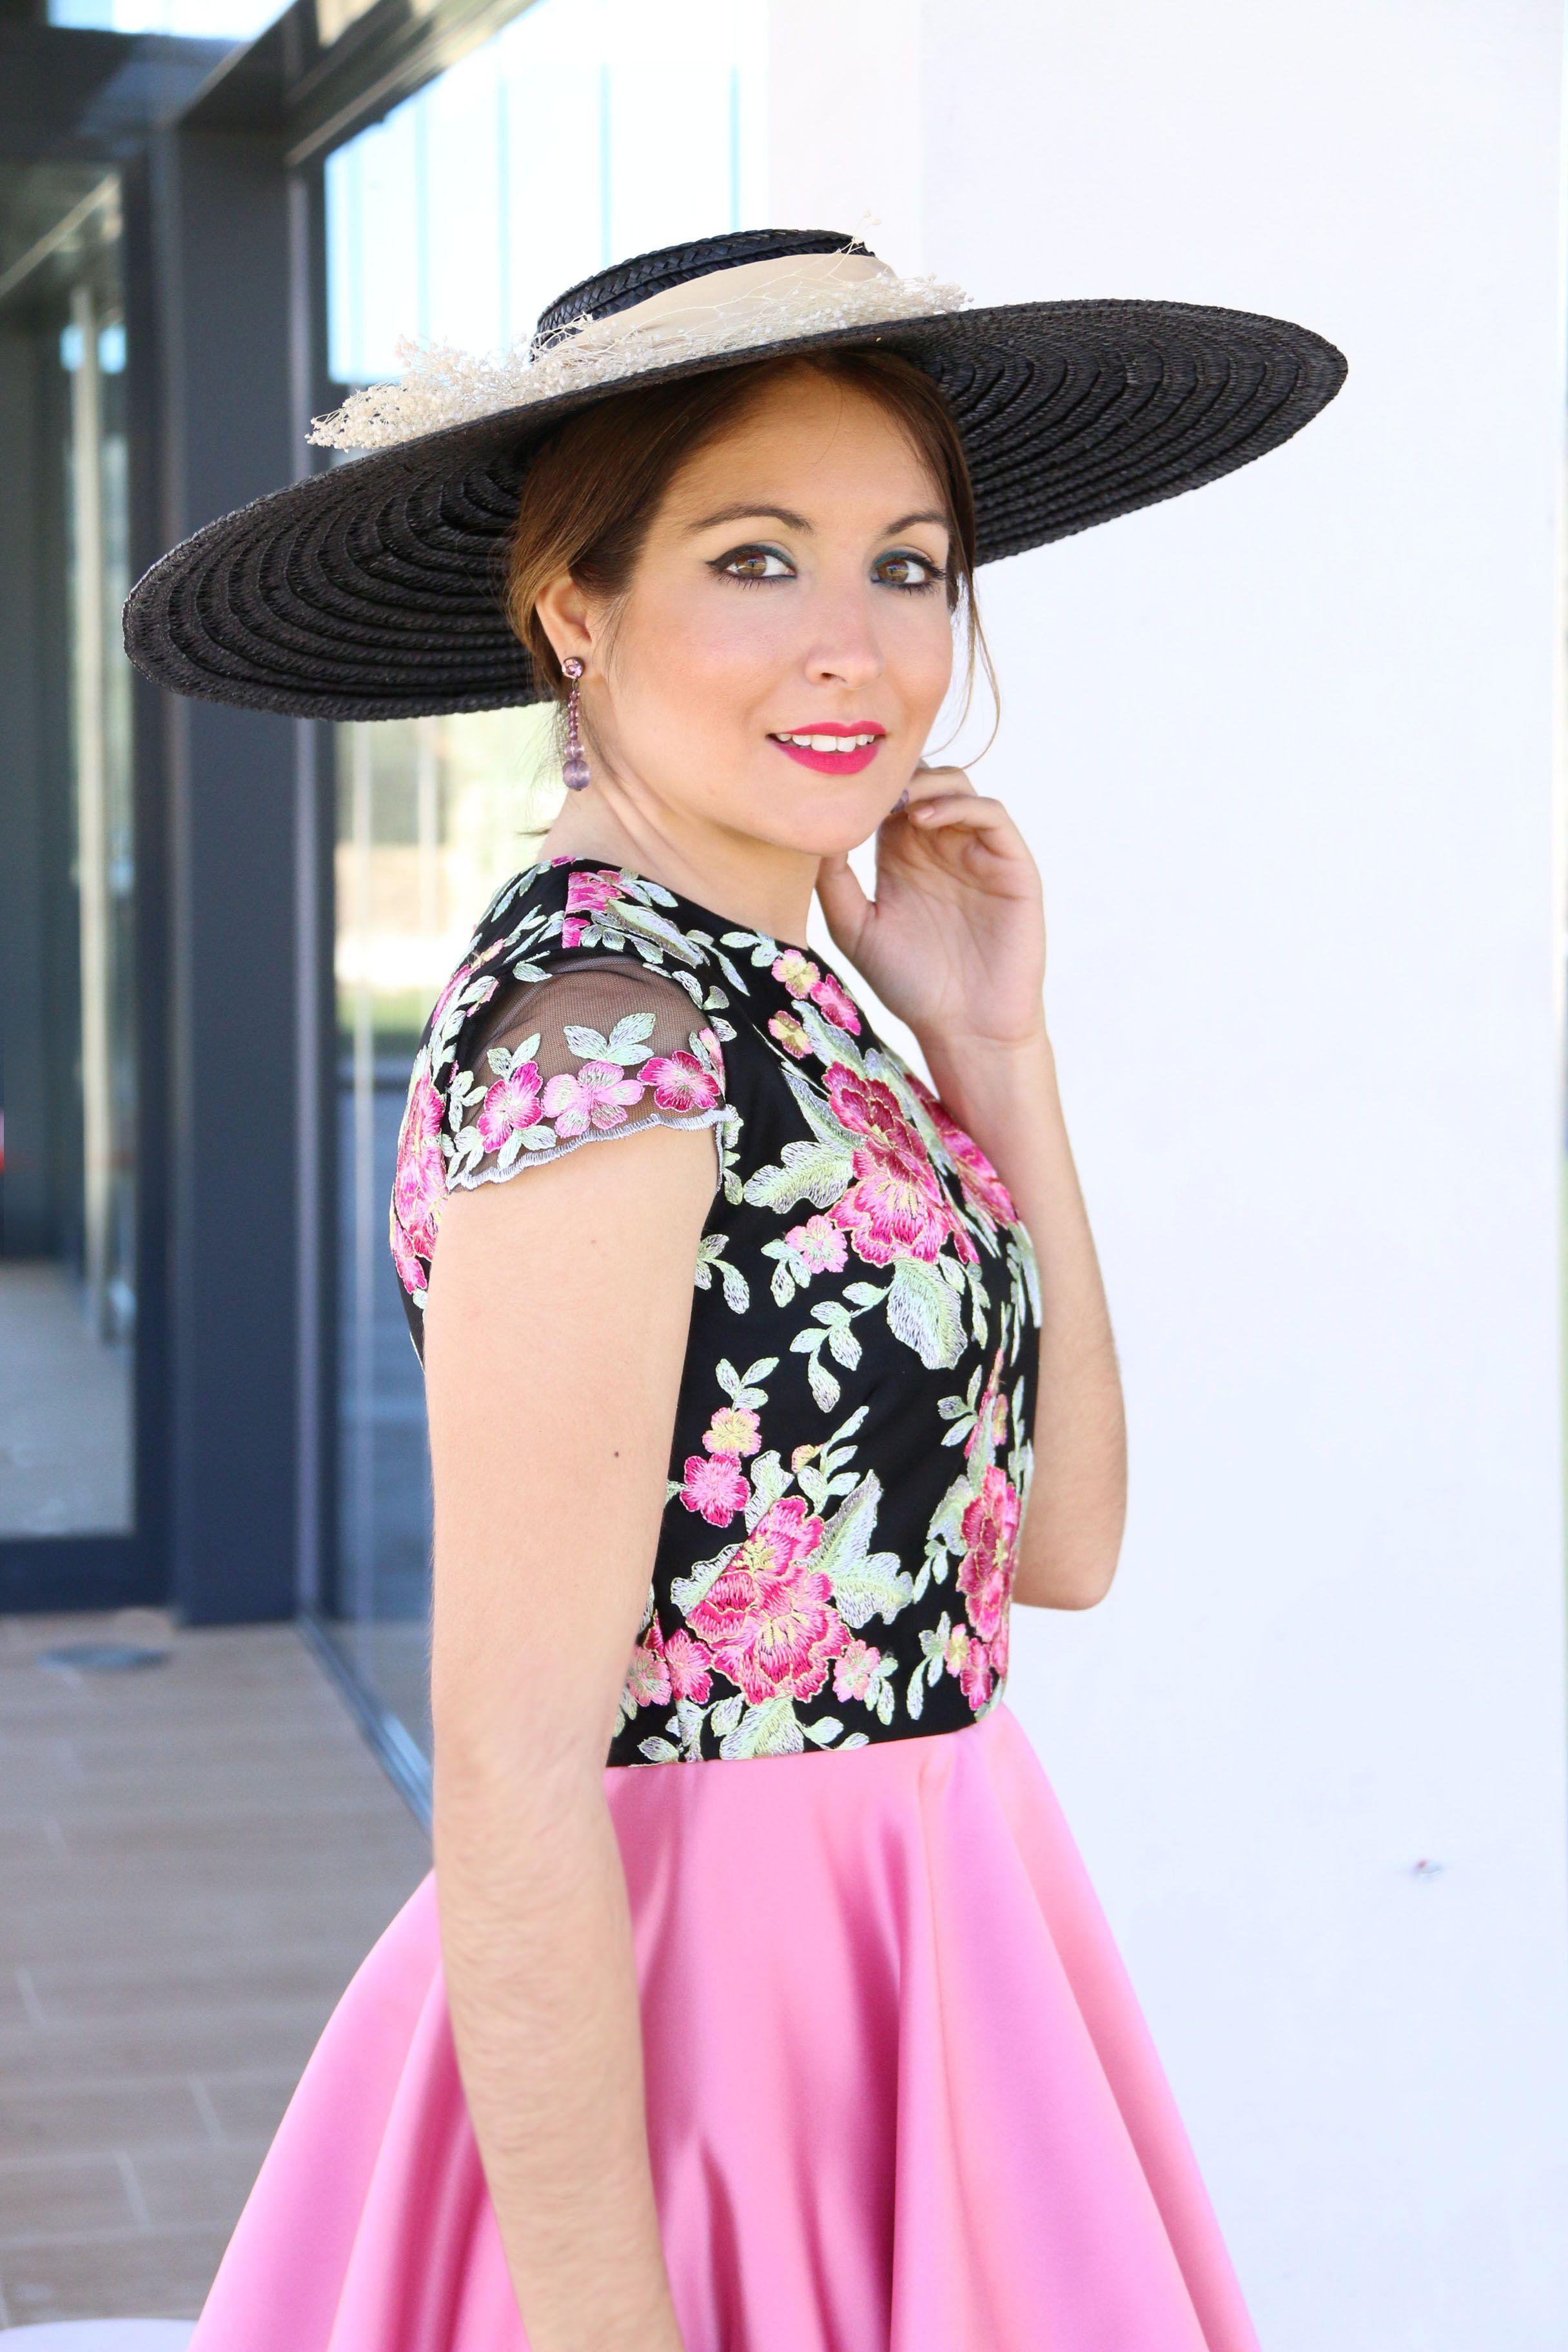 Modelo Amapola en rosa y negro